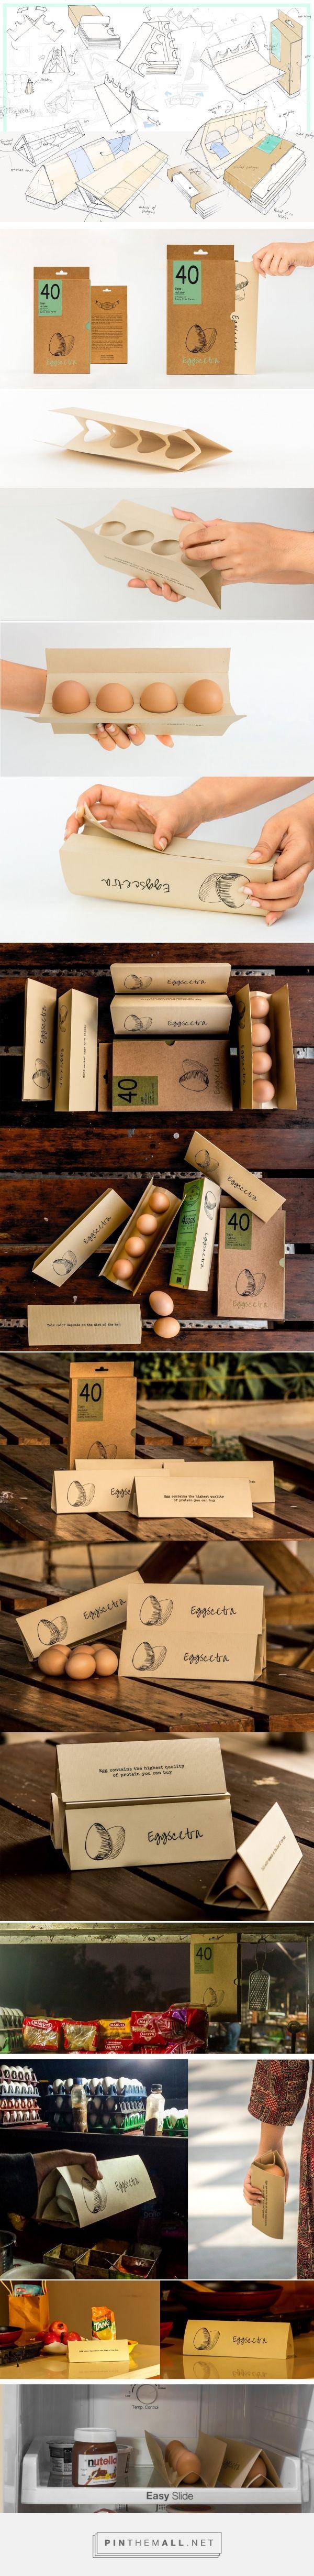 Eggscetra - compact egg packaging design by Marmik Patel - https://www.packagingoftheworld.com/2018/03/eggscetra.html